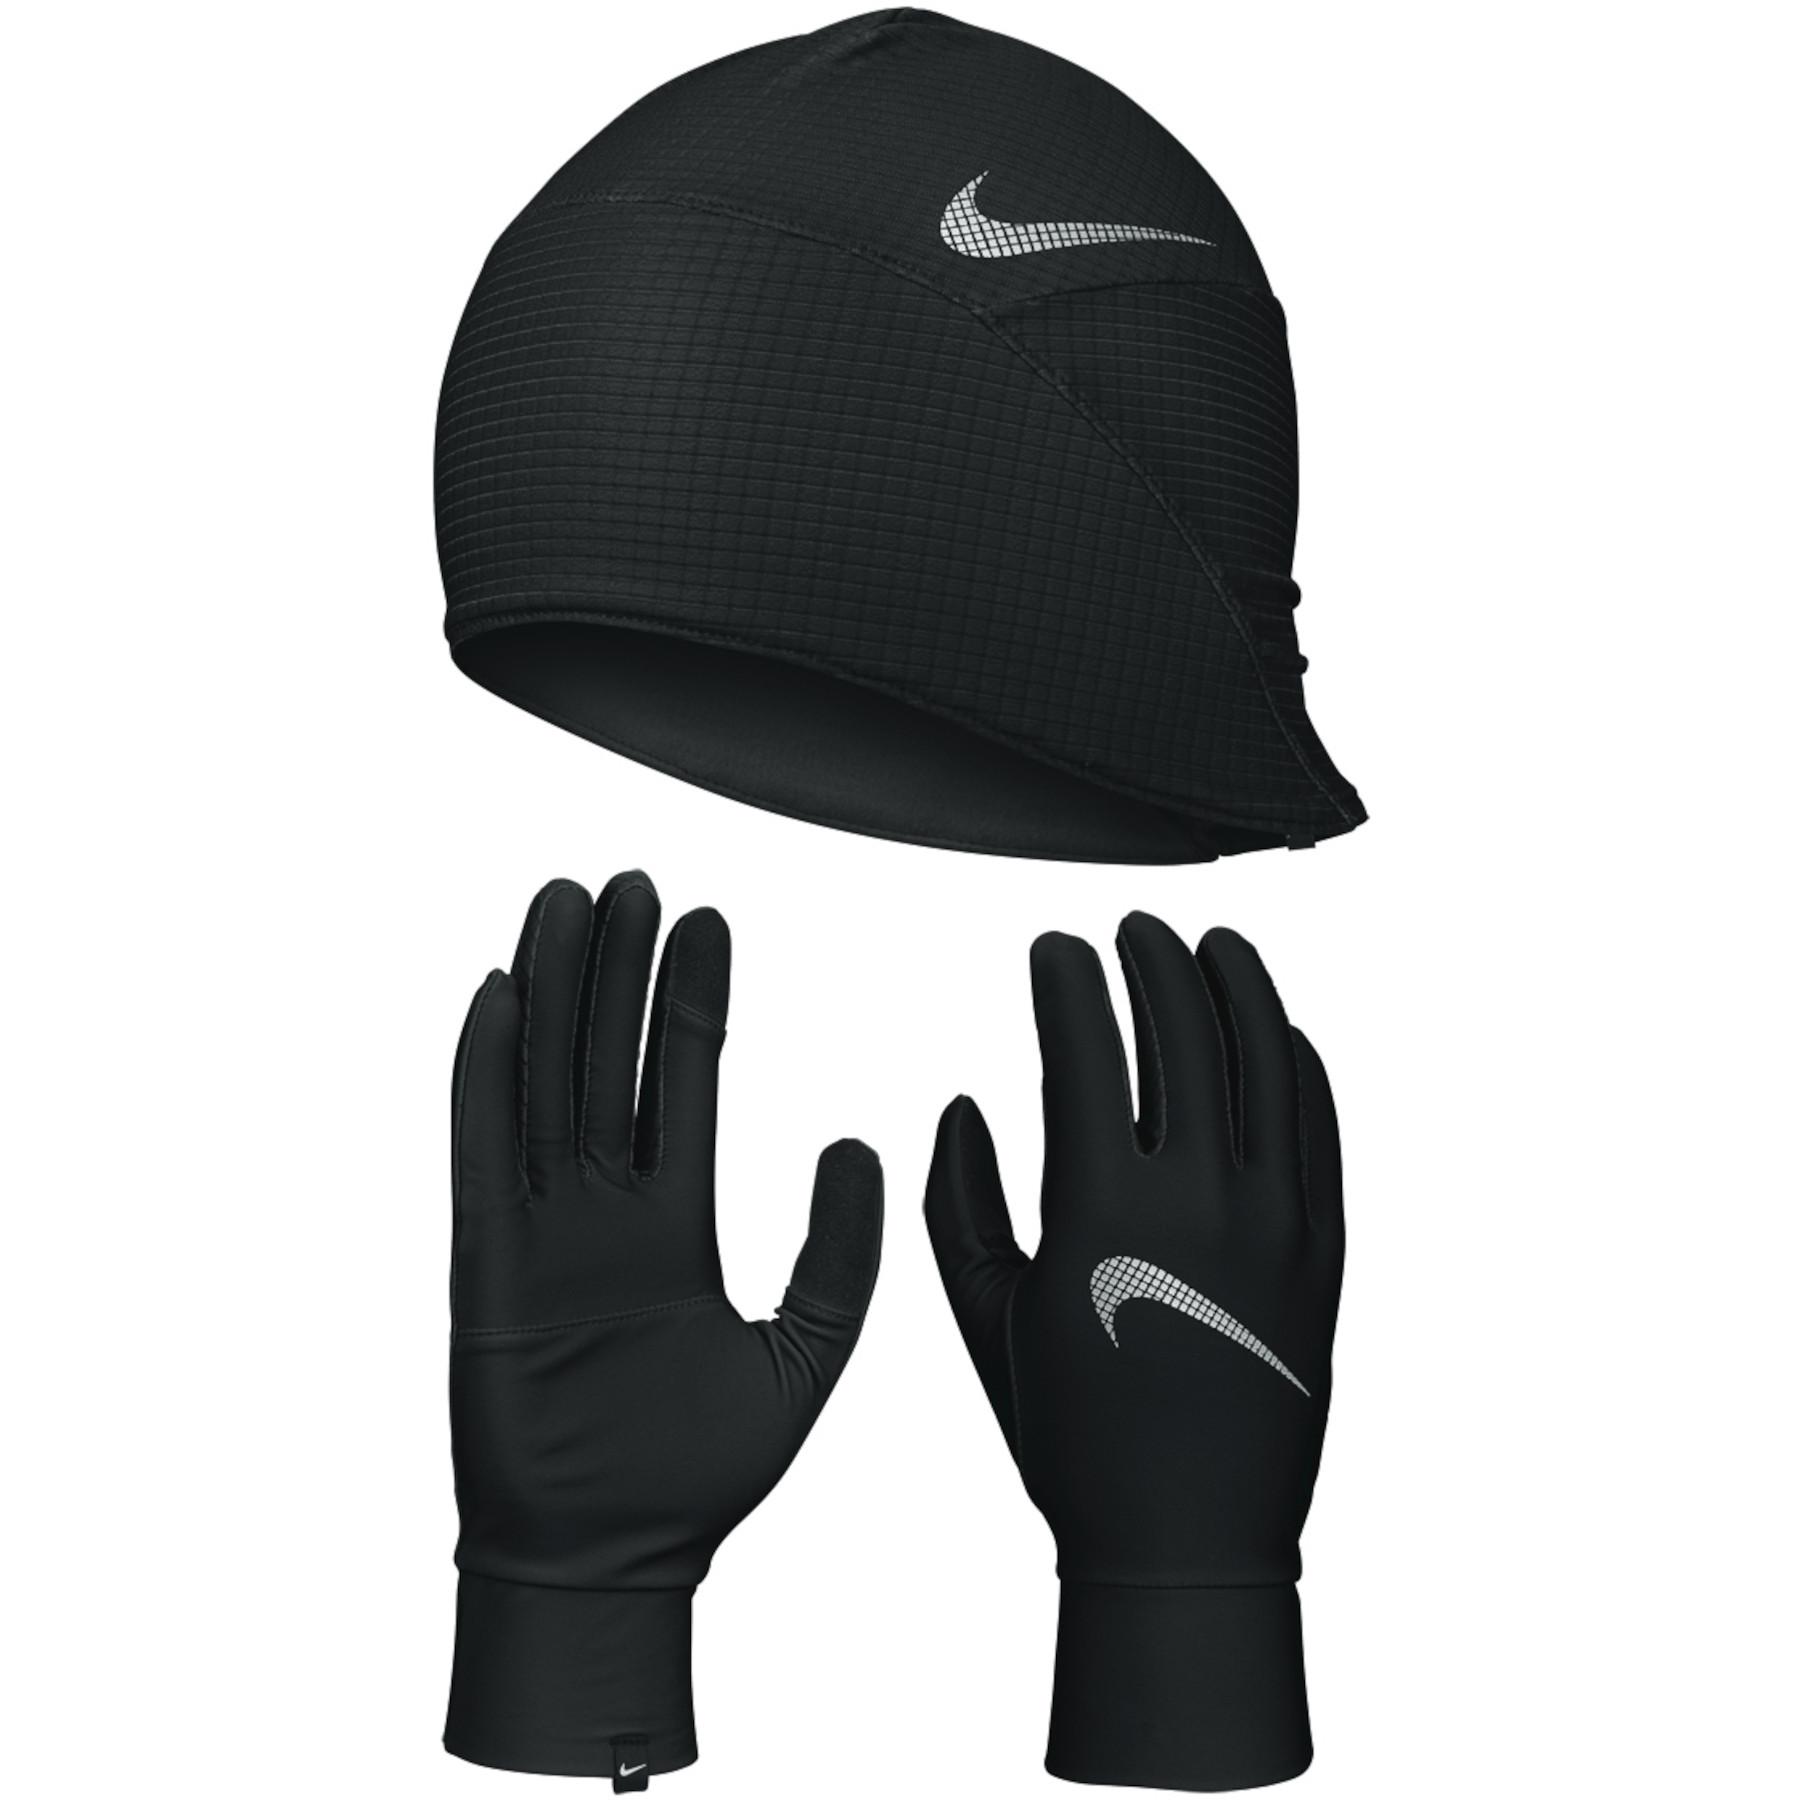 Foto de Nike Essential Running Guantes y gorra de correr para hombres - black/black/silver 082